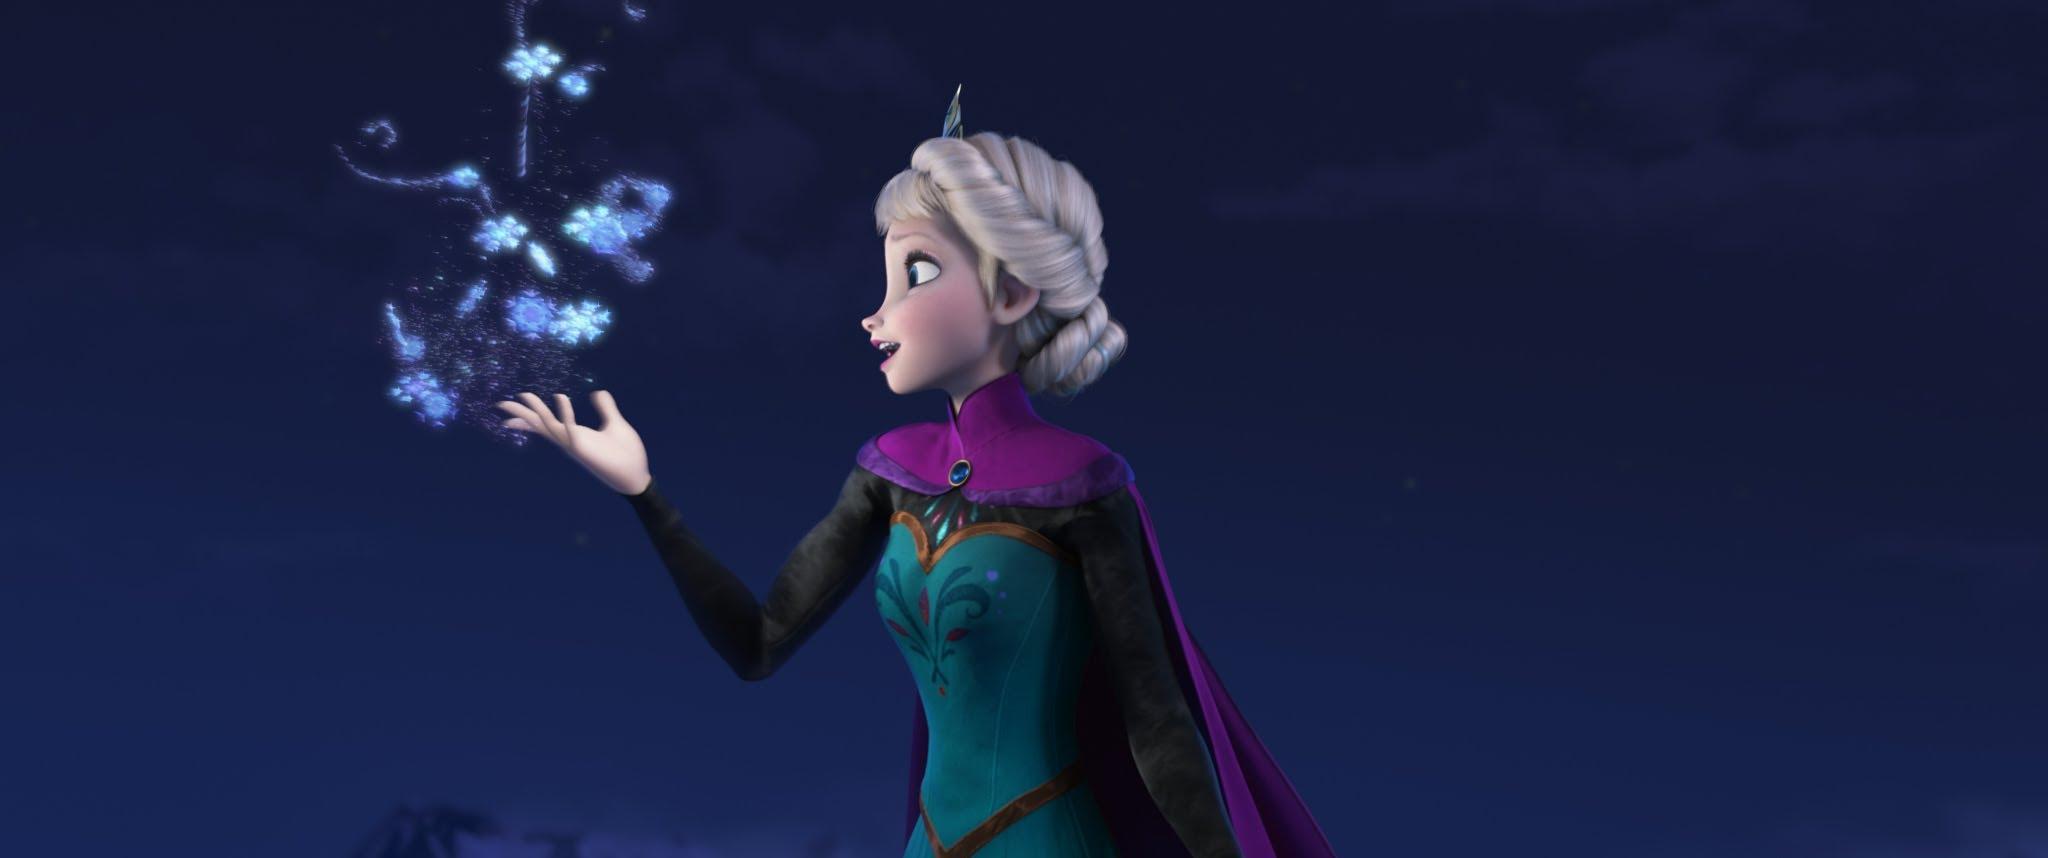 Frozen - Let It Go